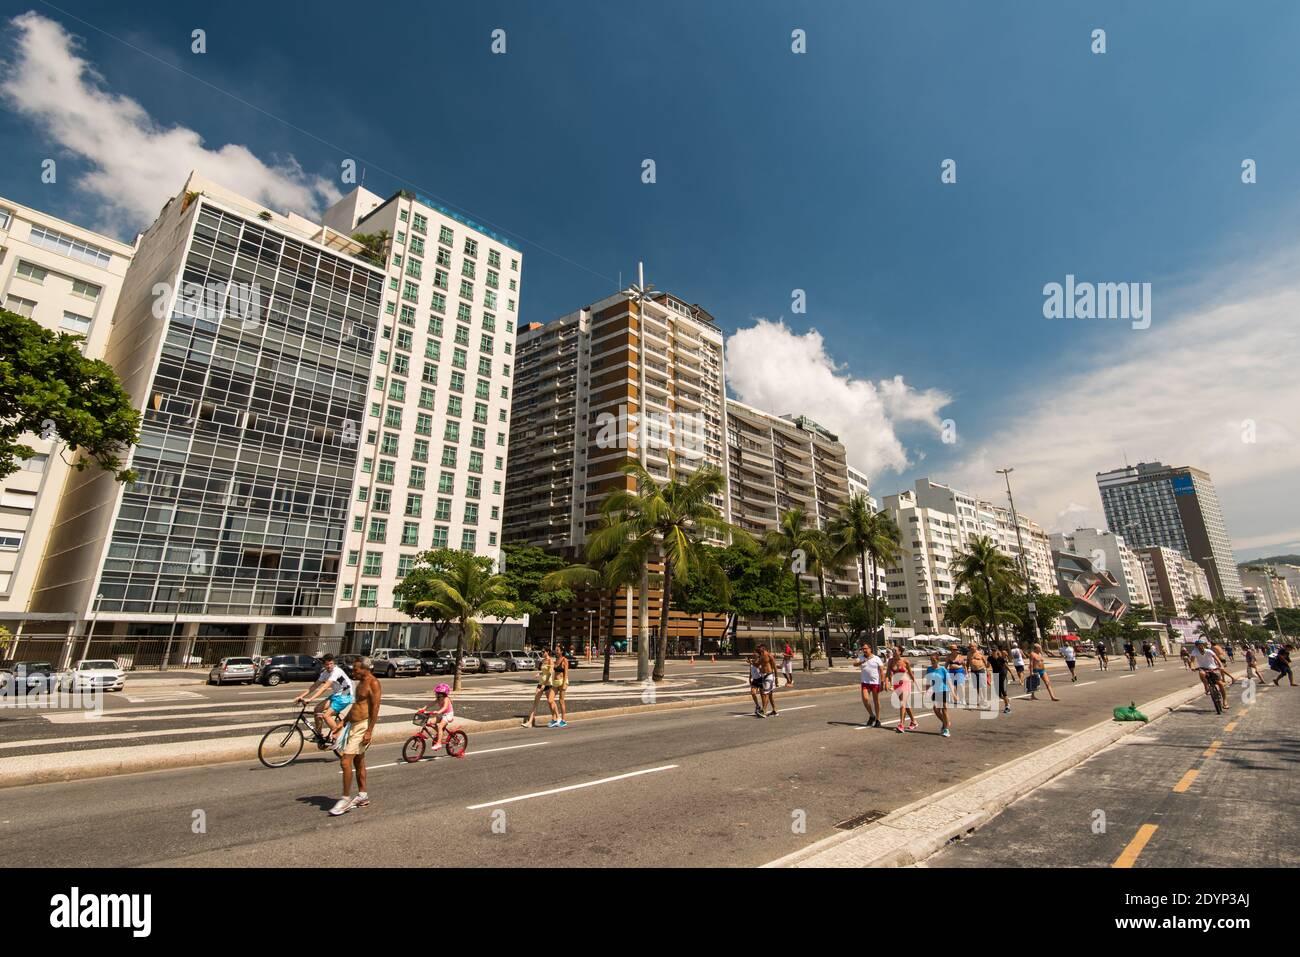 Rio de Janeiro, Brasilien - 15. Januar 2017: Hotel- und Apartmentgebäude an der Avenida Atlantica in Copacabana. Stockfoto